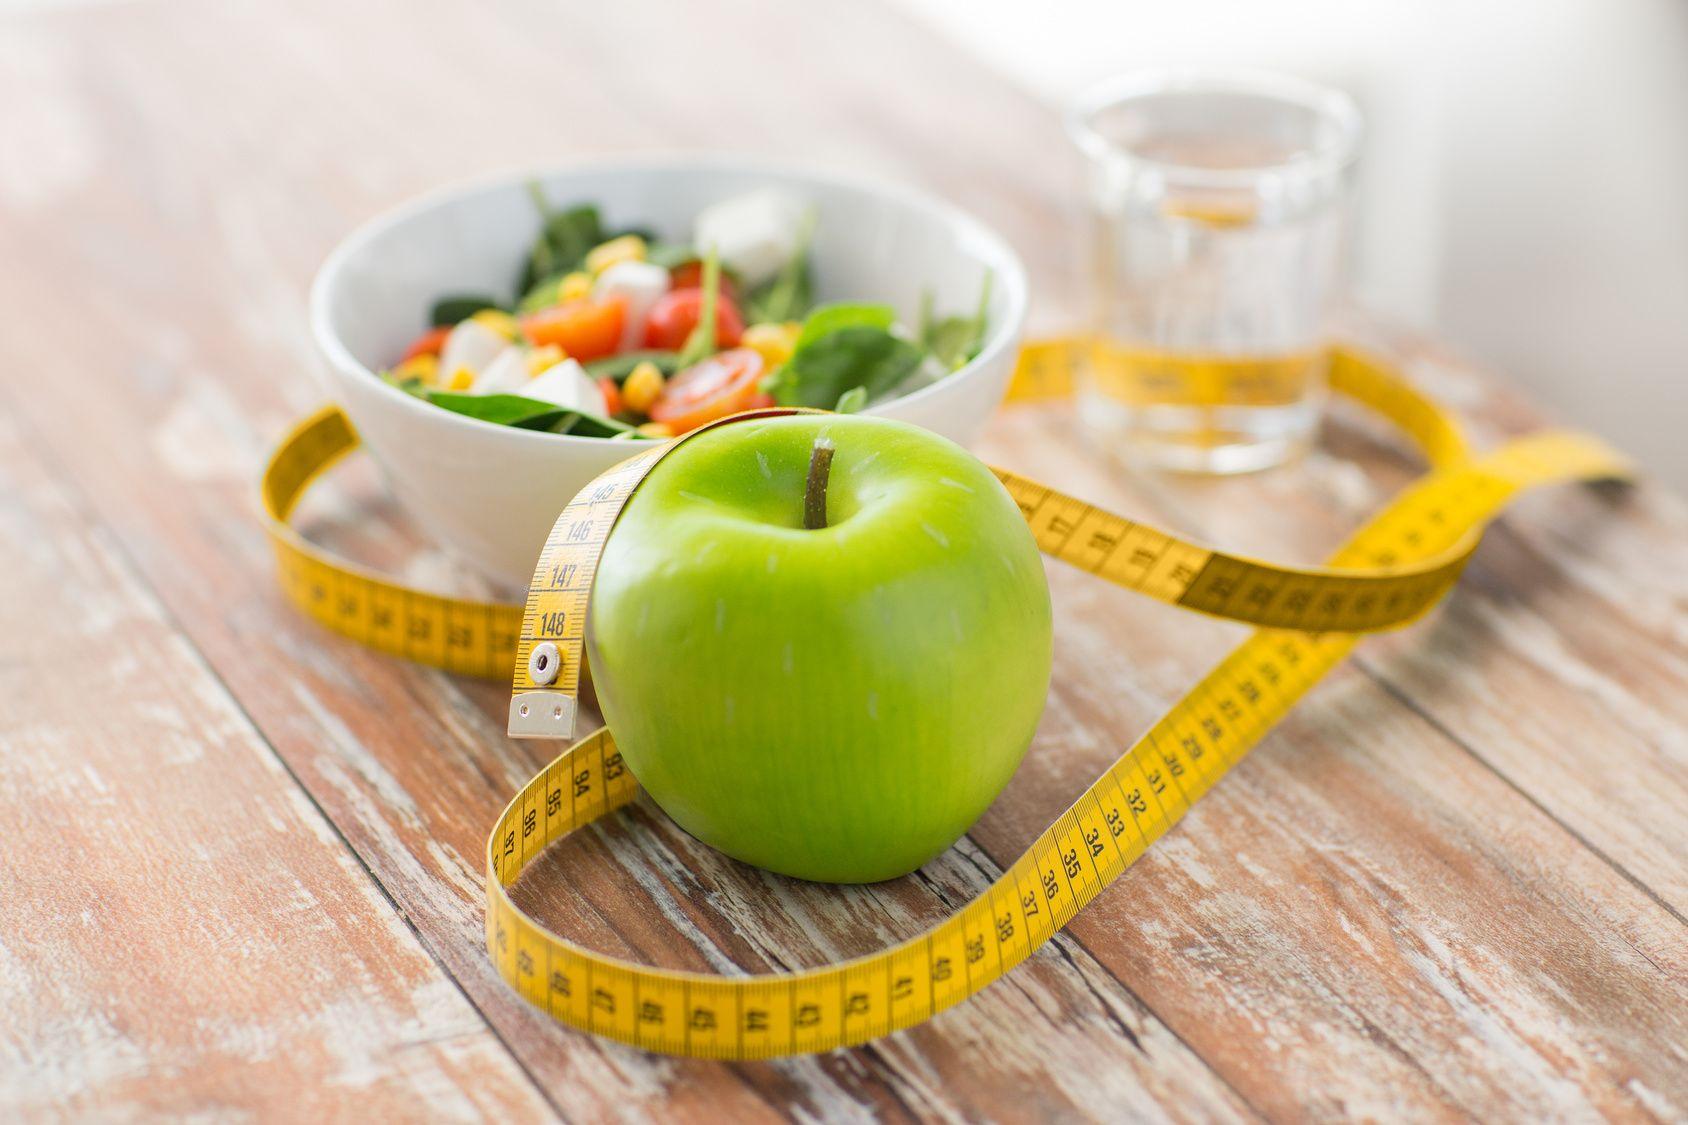 enveloppement de perte de poids nottingham